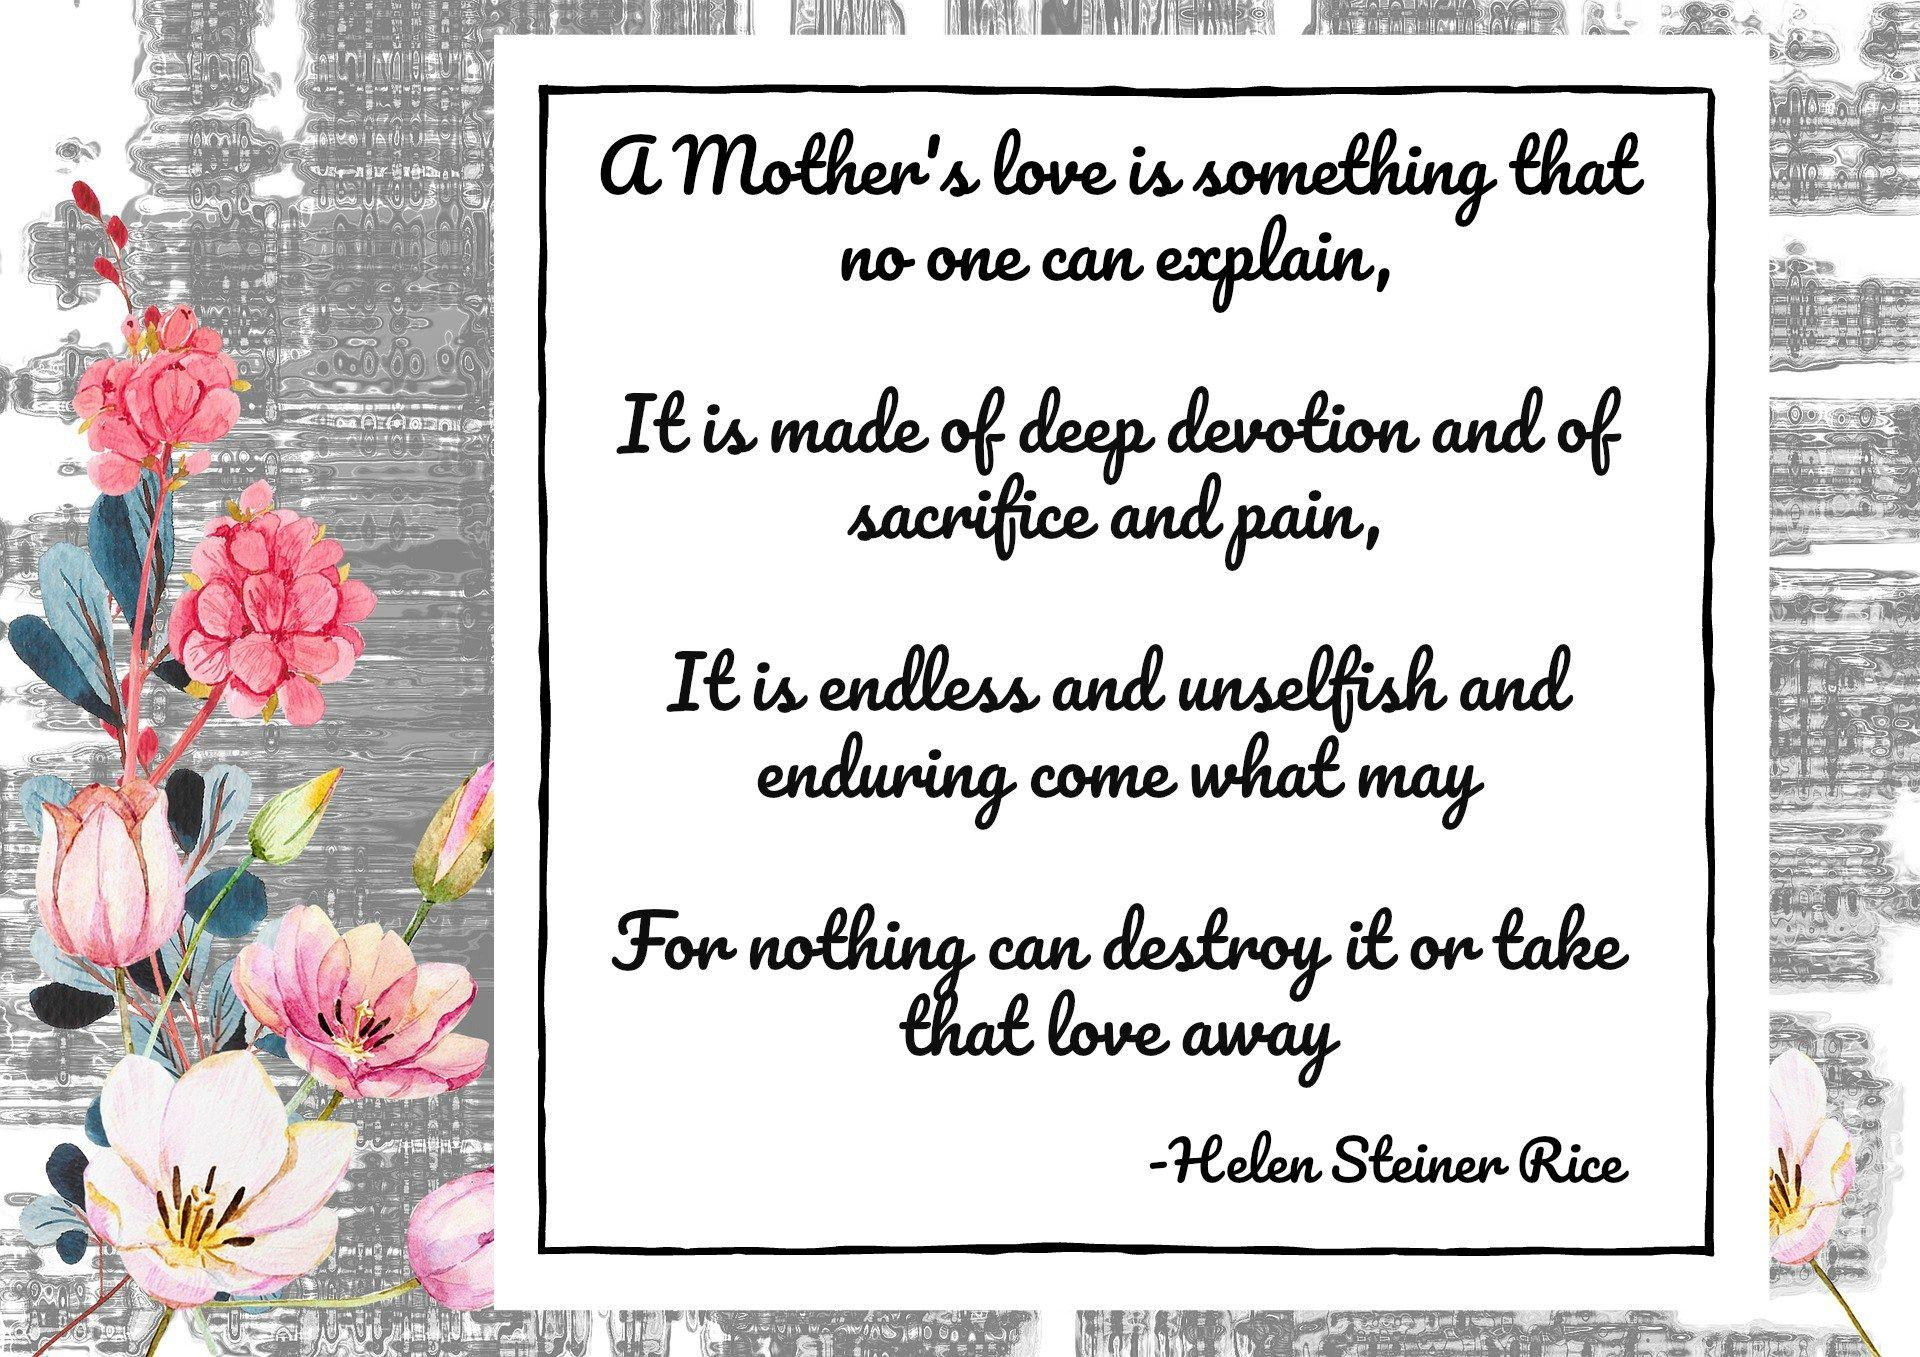 Heroic Mothers Helen Steiner Rice Helen Steiner Rice Poems